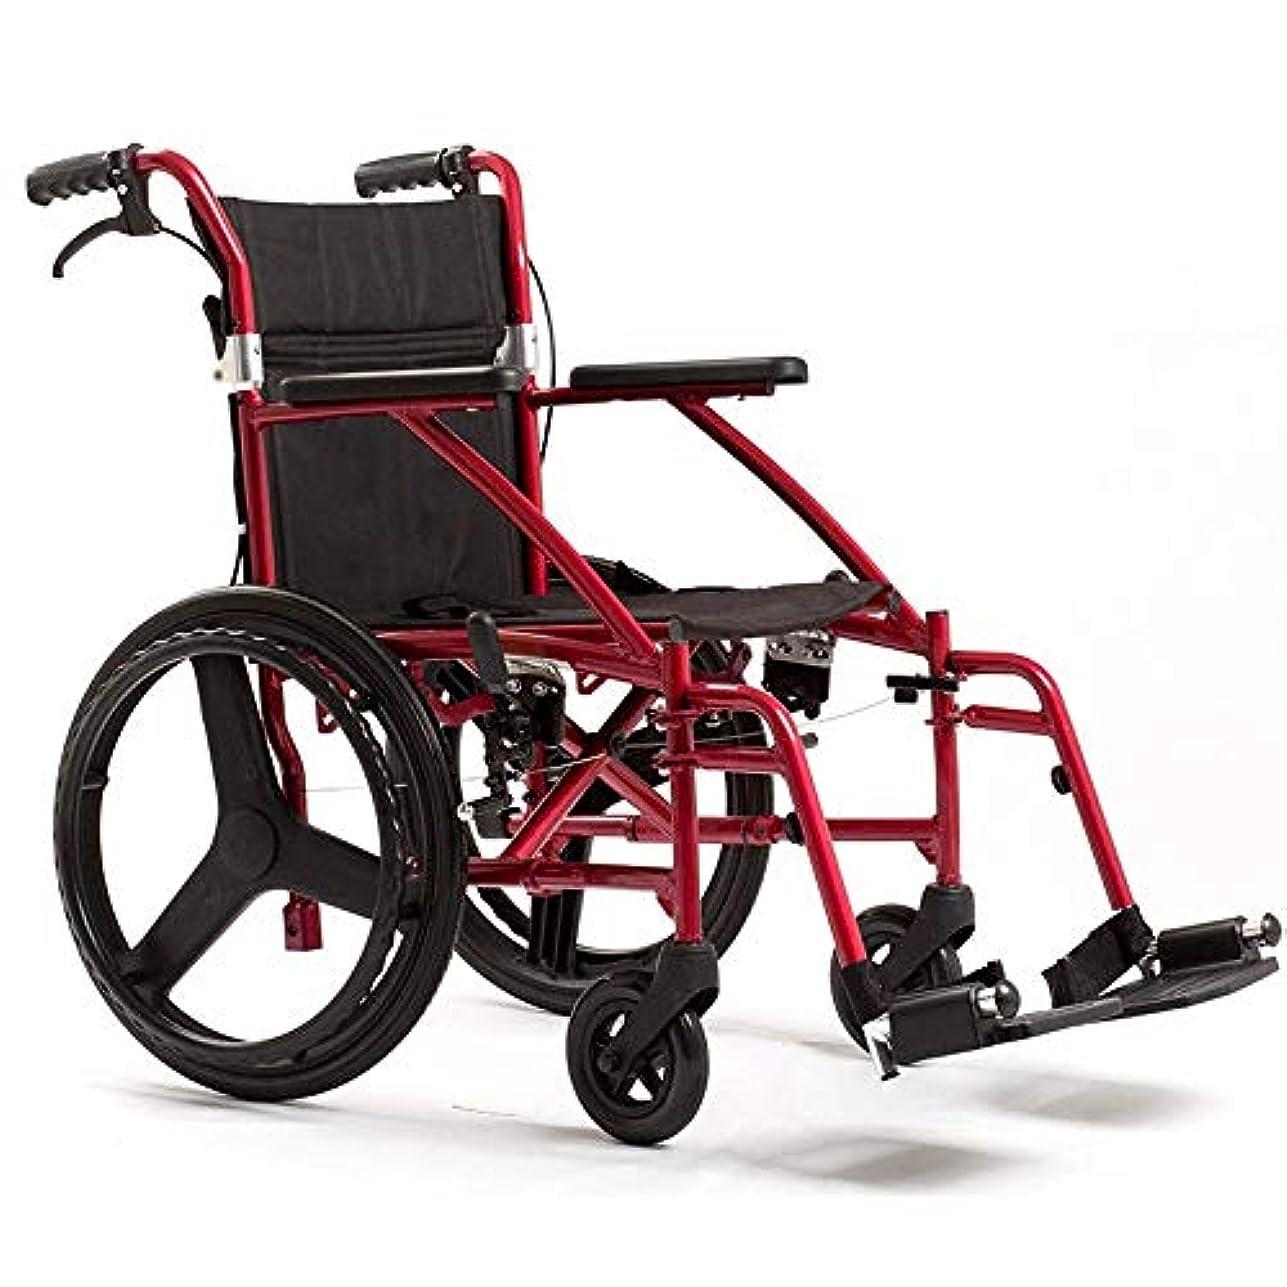 塩ねじれわかる人間工学に基づいた超軽量手動車いす、フット休符と旅行交通チェア - 高齢者、障害者のための適切な